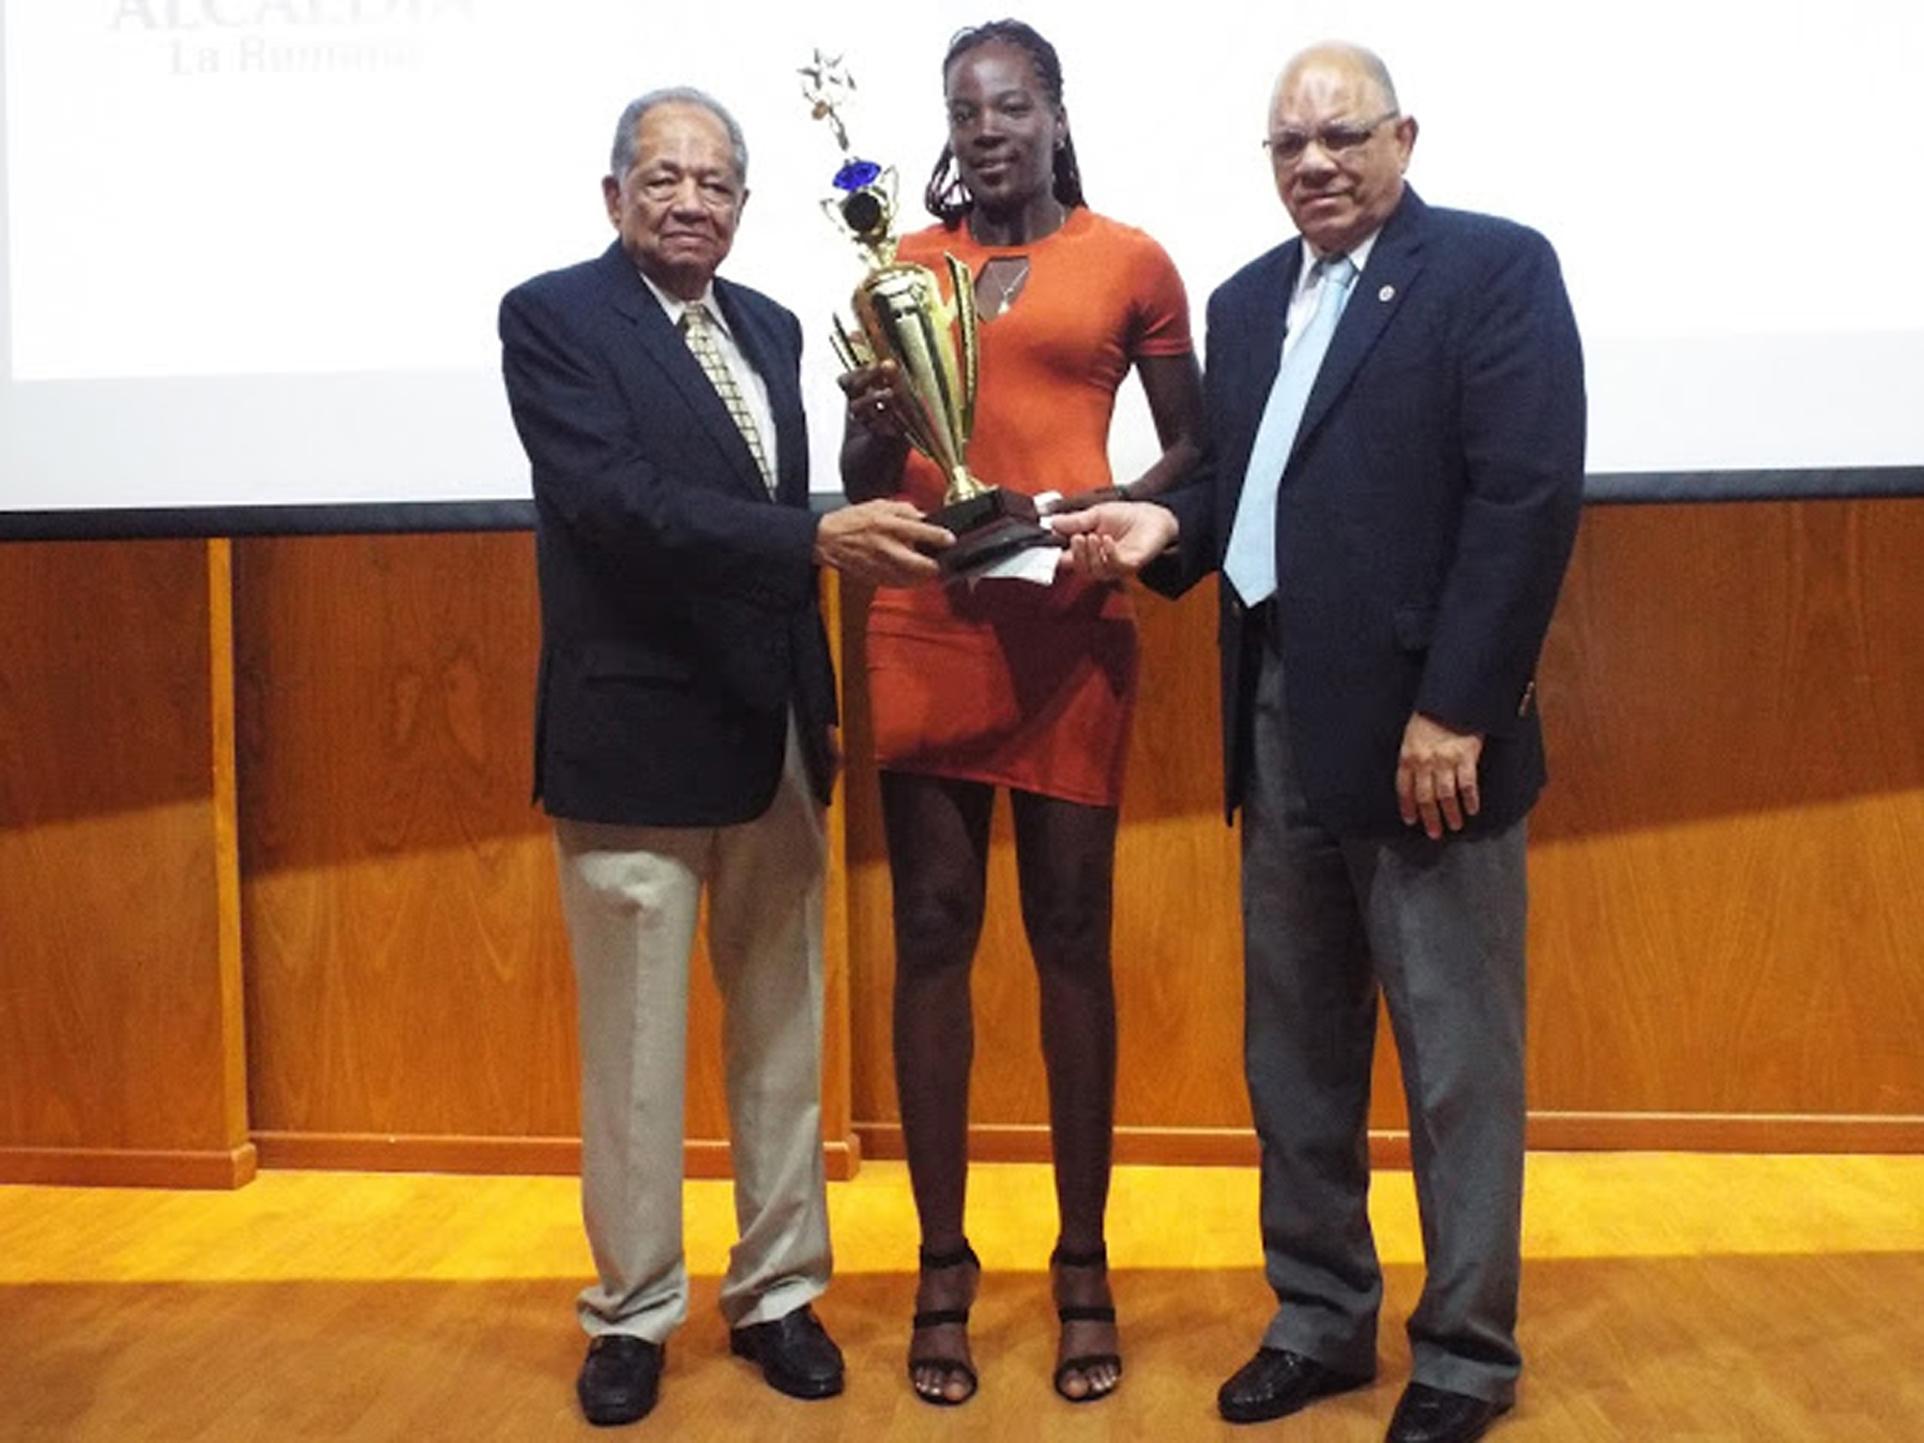 La Romana reconoce a sus mejores atletas del 2016